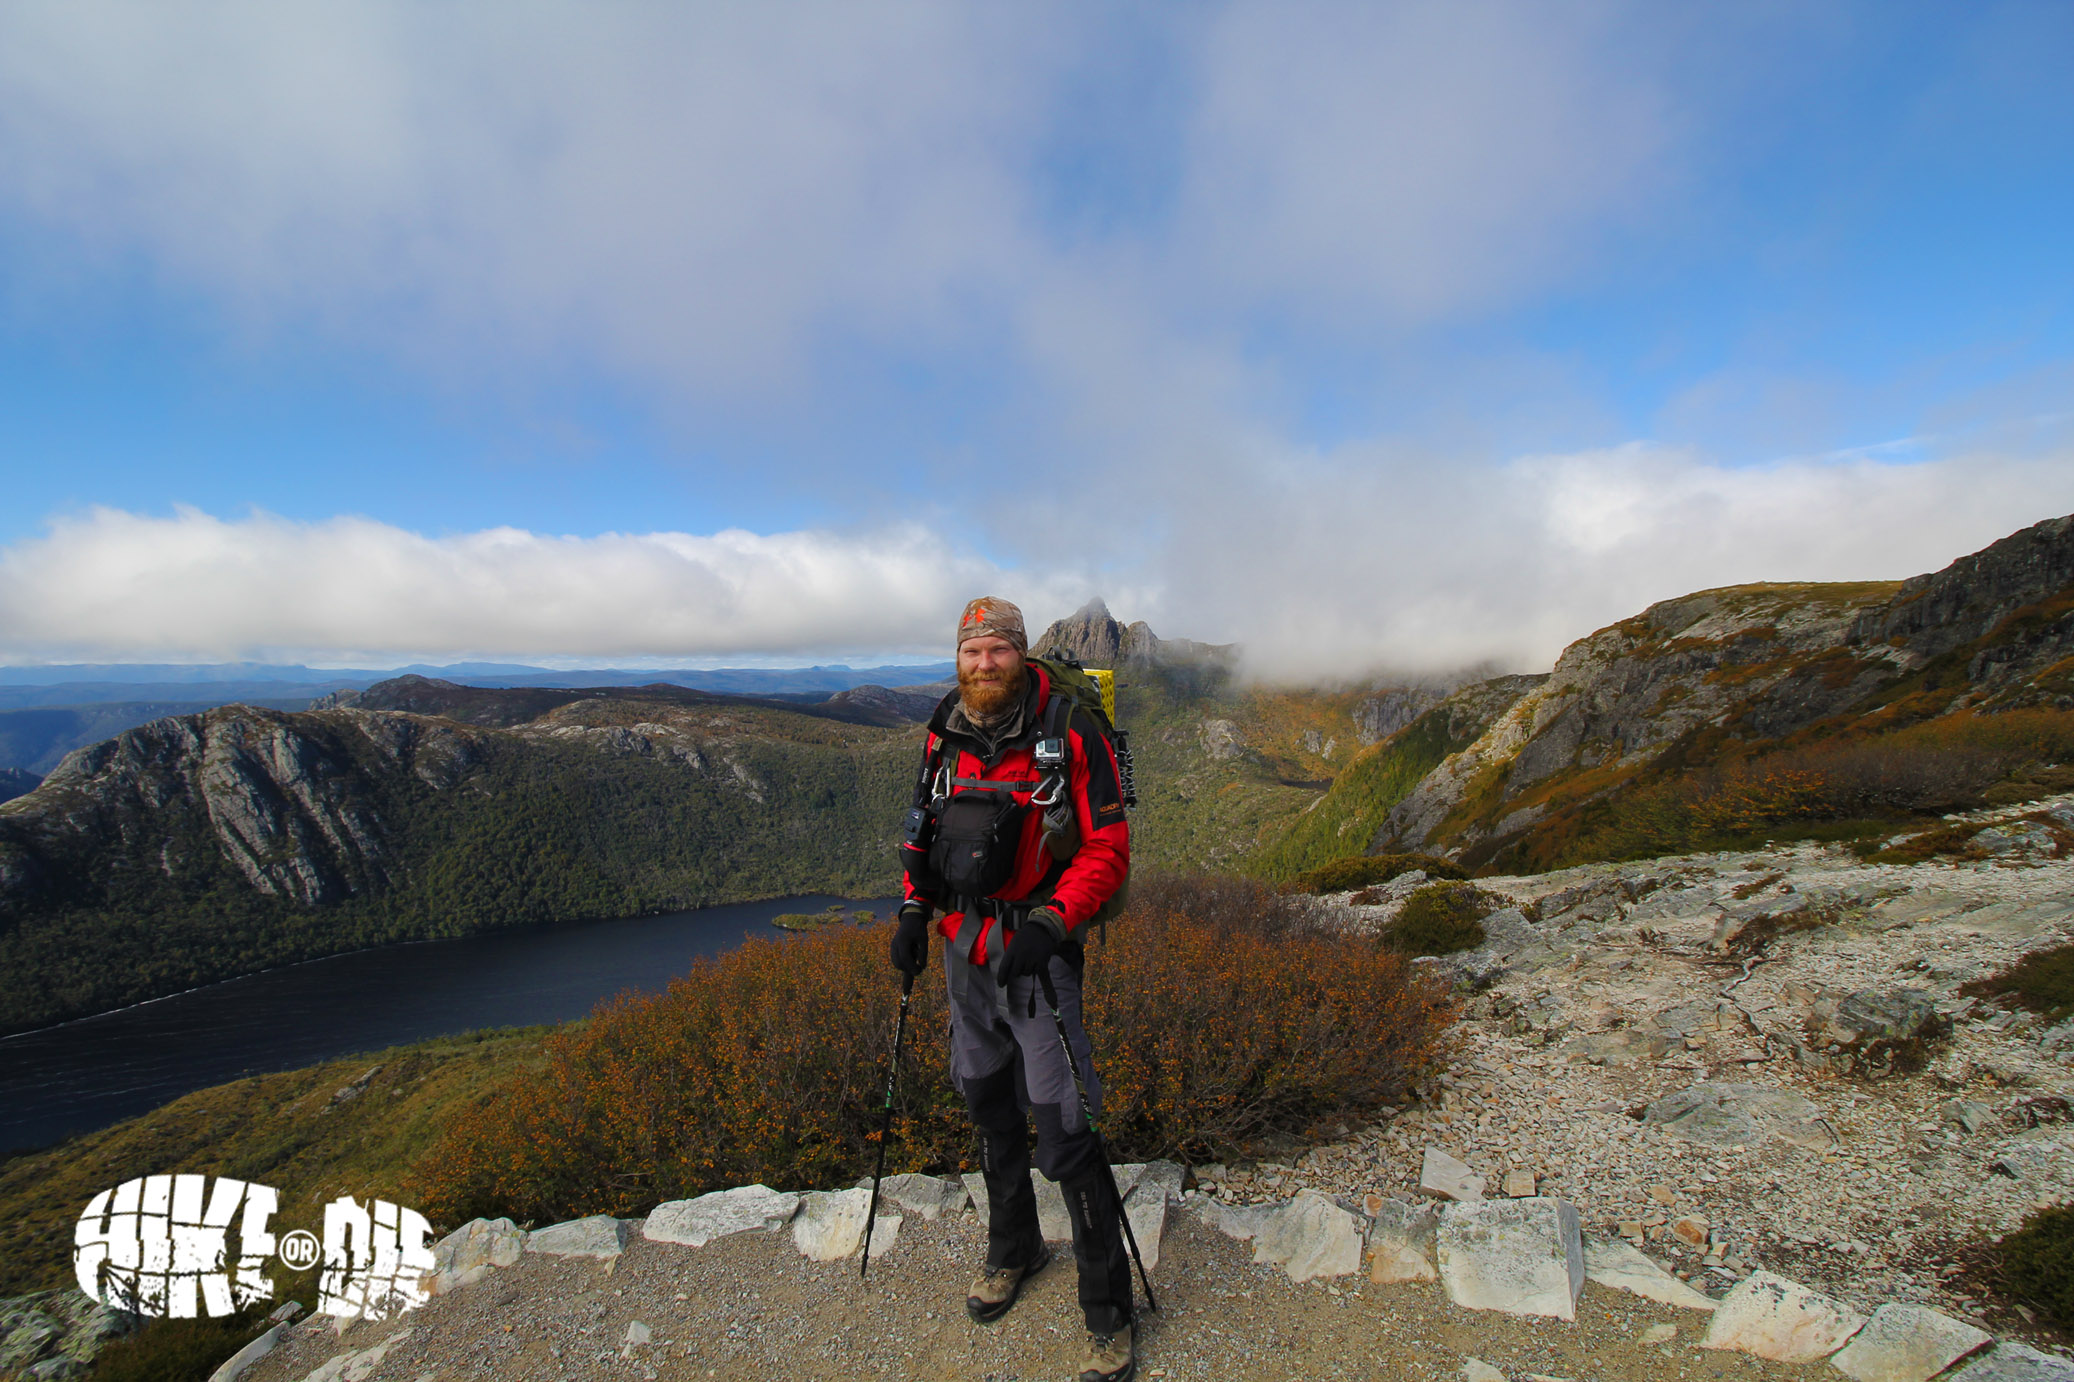 Dove Lake, Overland Track, Tasmania.